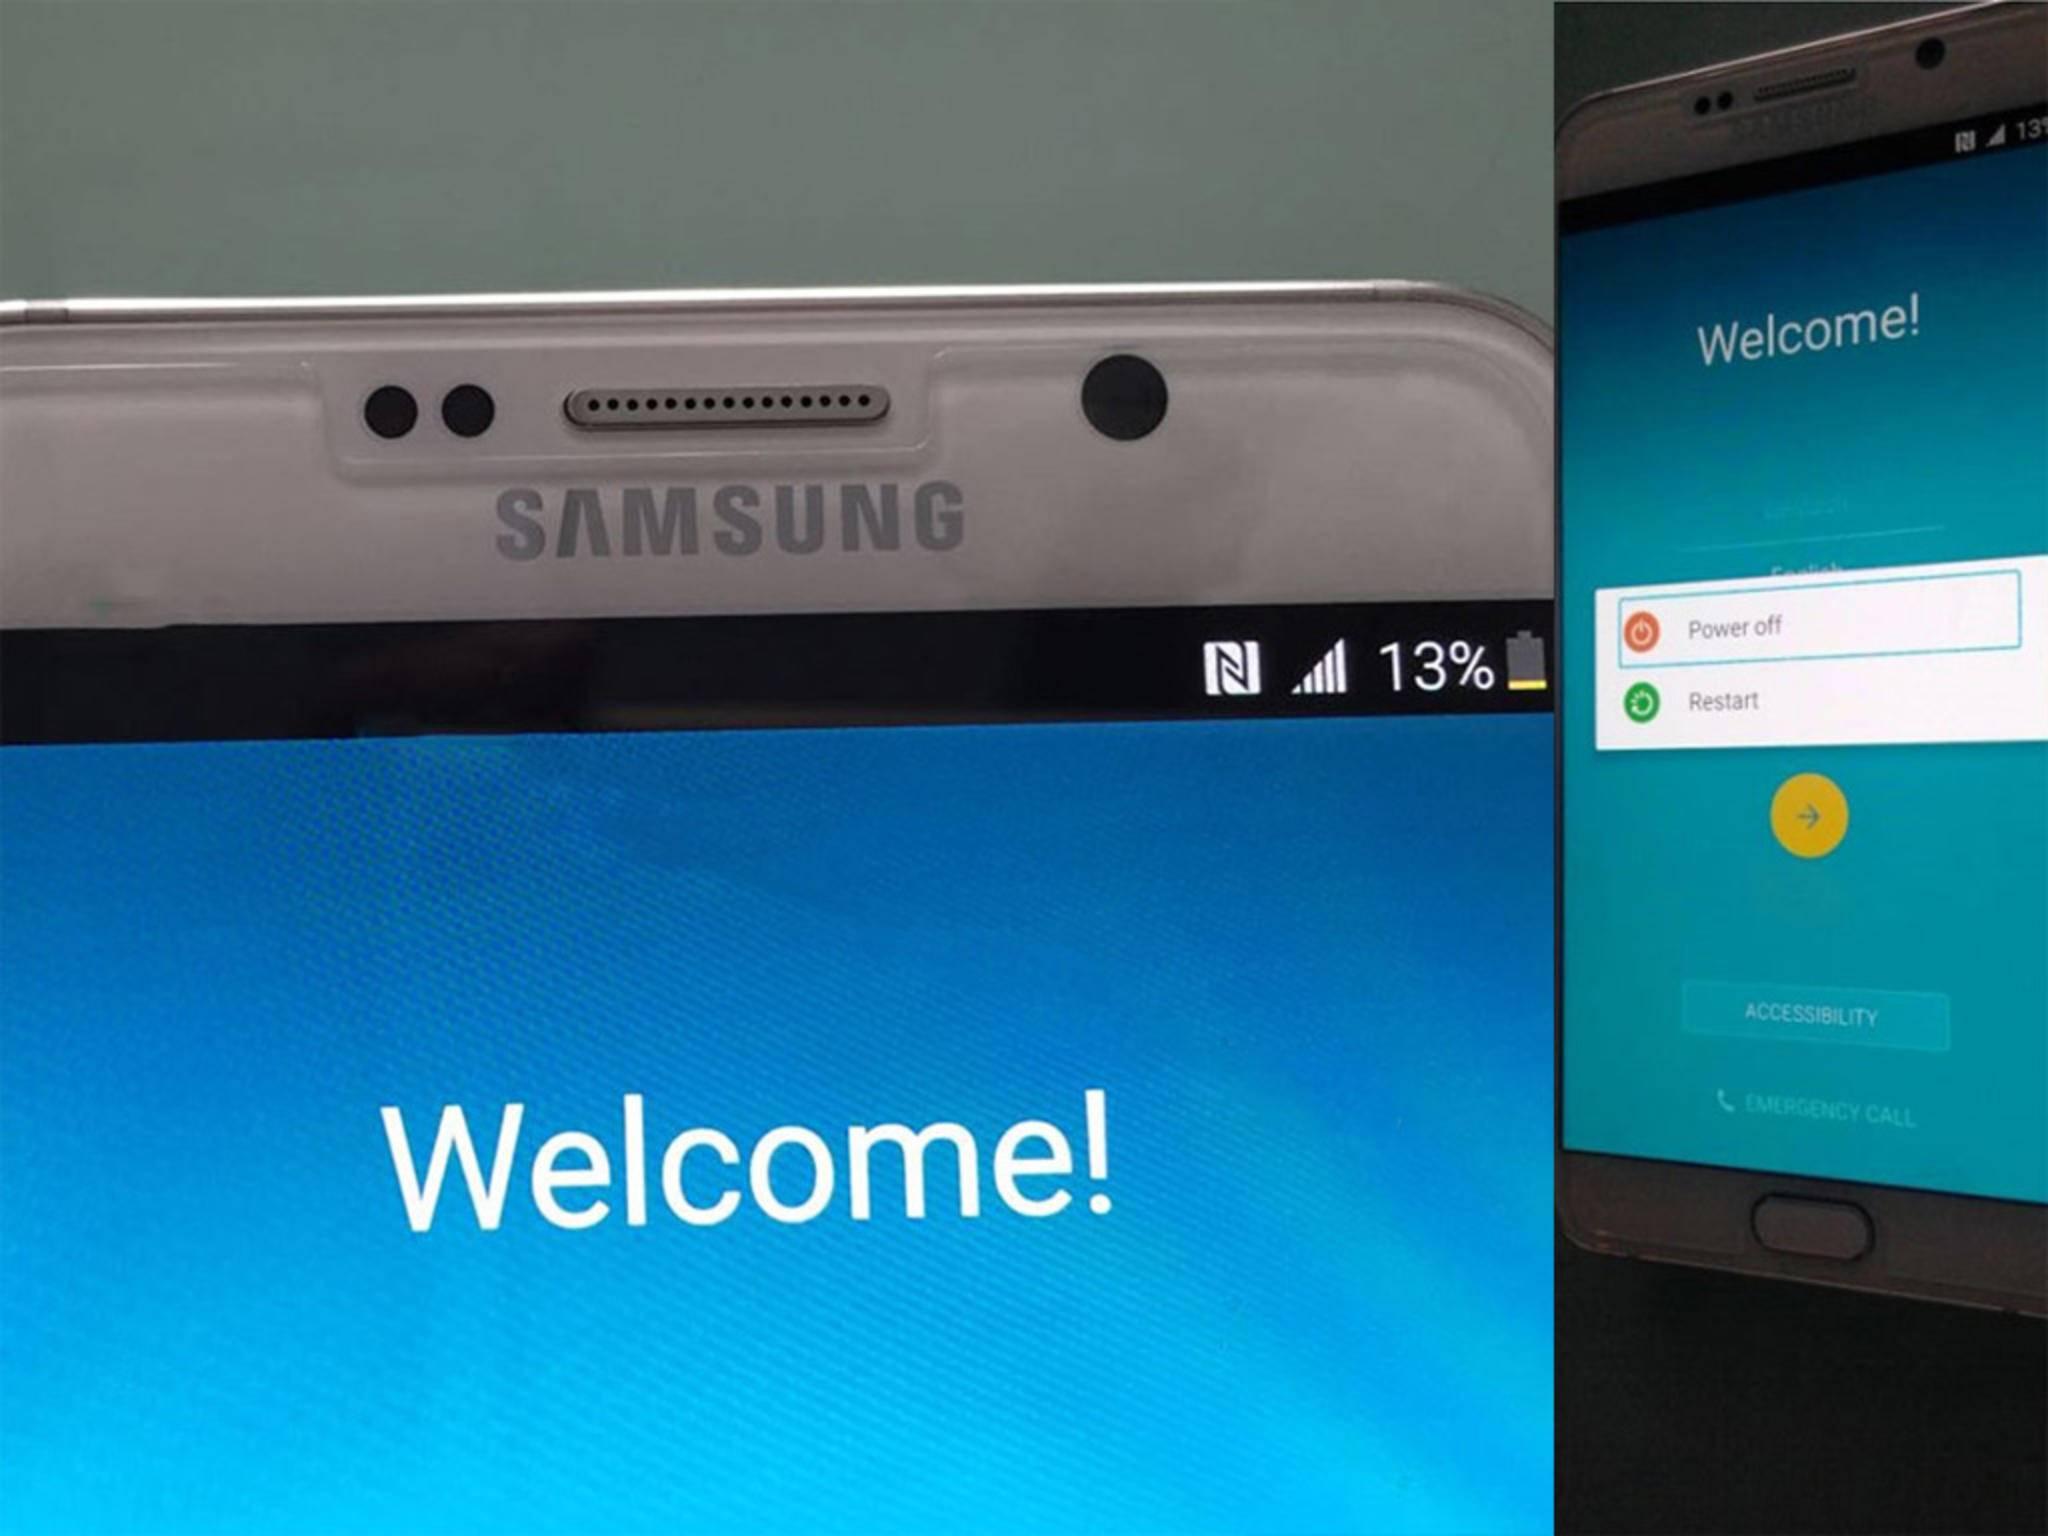 Galaxy S6 Edge+ und Note 5 werden wahrscheinlich am 13.08.15 in New York präsentiert.